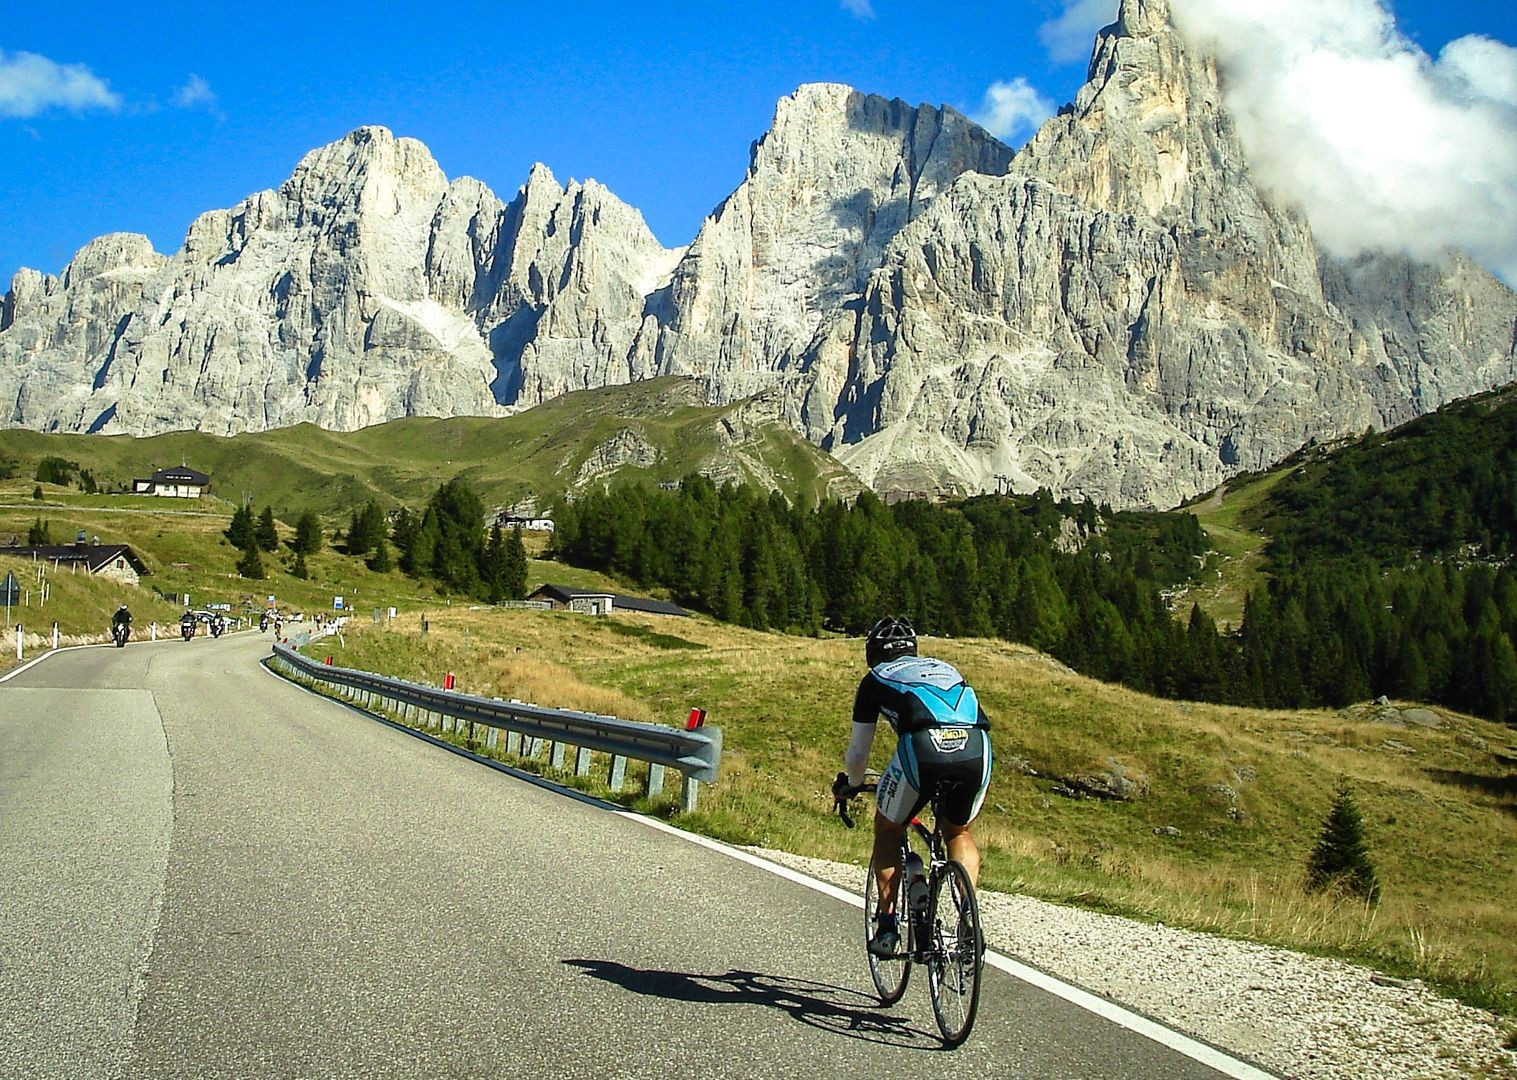 raid-dolomiti-saddle-skedaddle-mountain-passes.jpg - Italy - Raid Dolomiti - Guided Road Cycling Holiday - Road Cycling